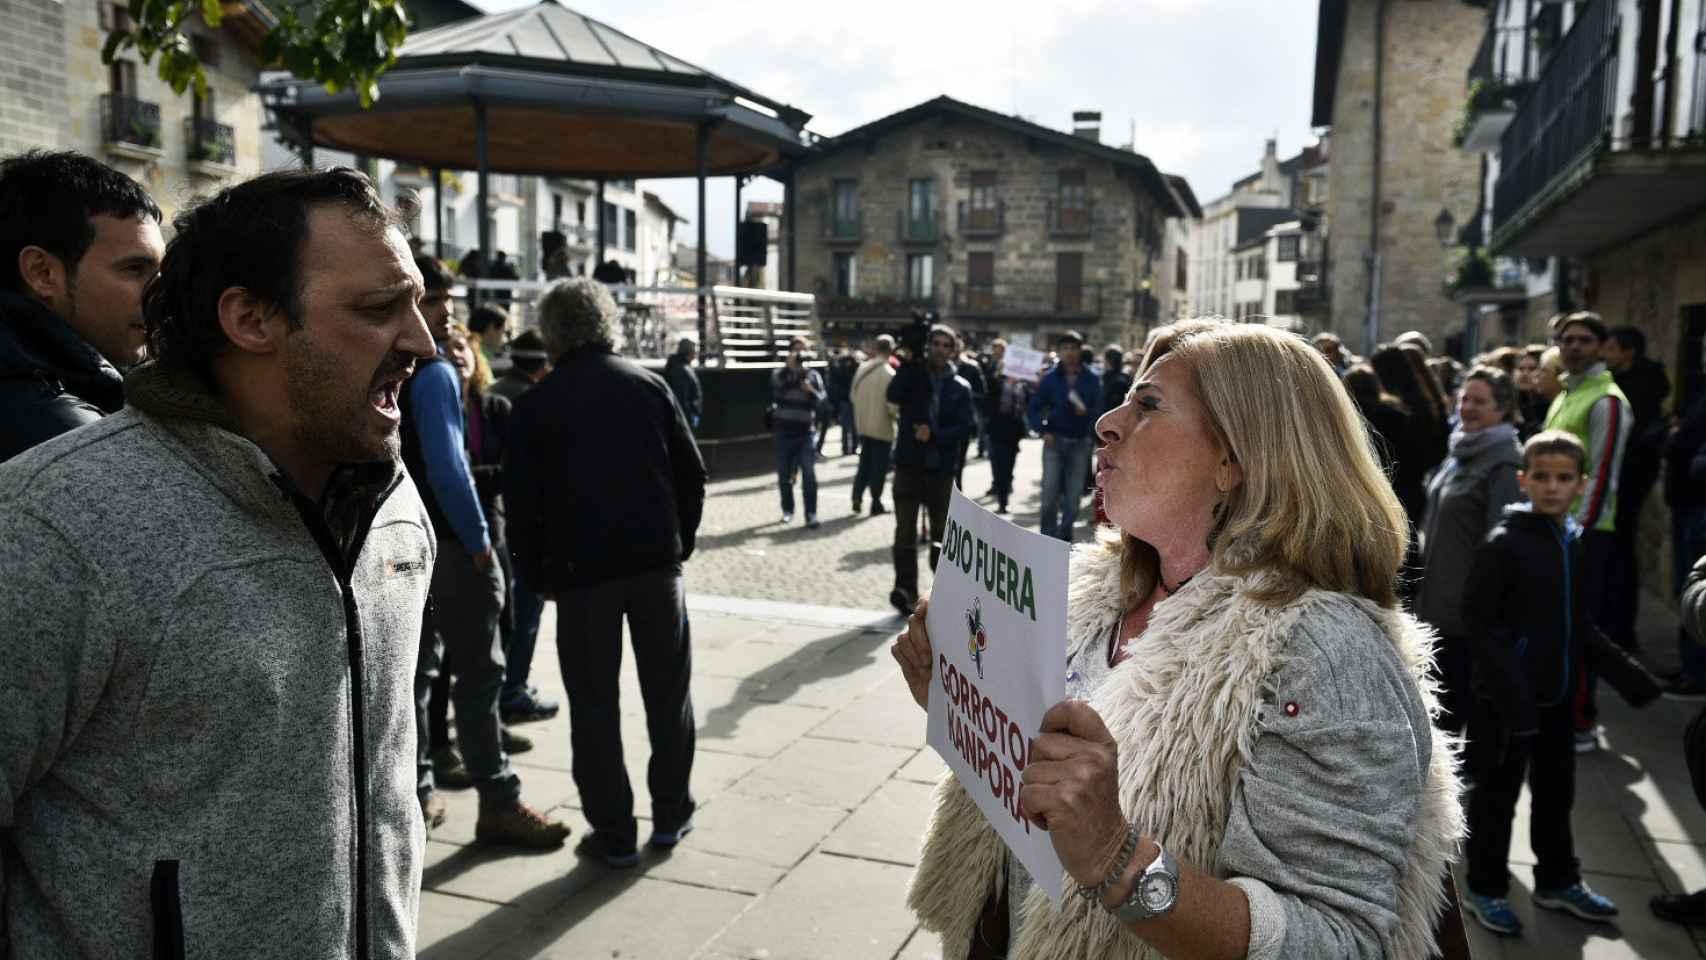 Tensión en Alsasua: Covite no se amedrenta y defiende a la Guardia Civil frente a los radicales de Sortu